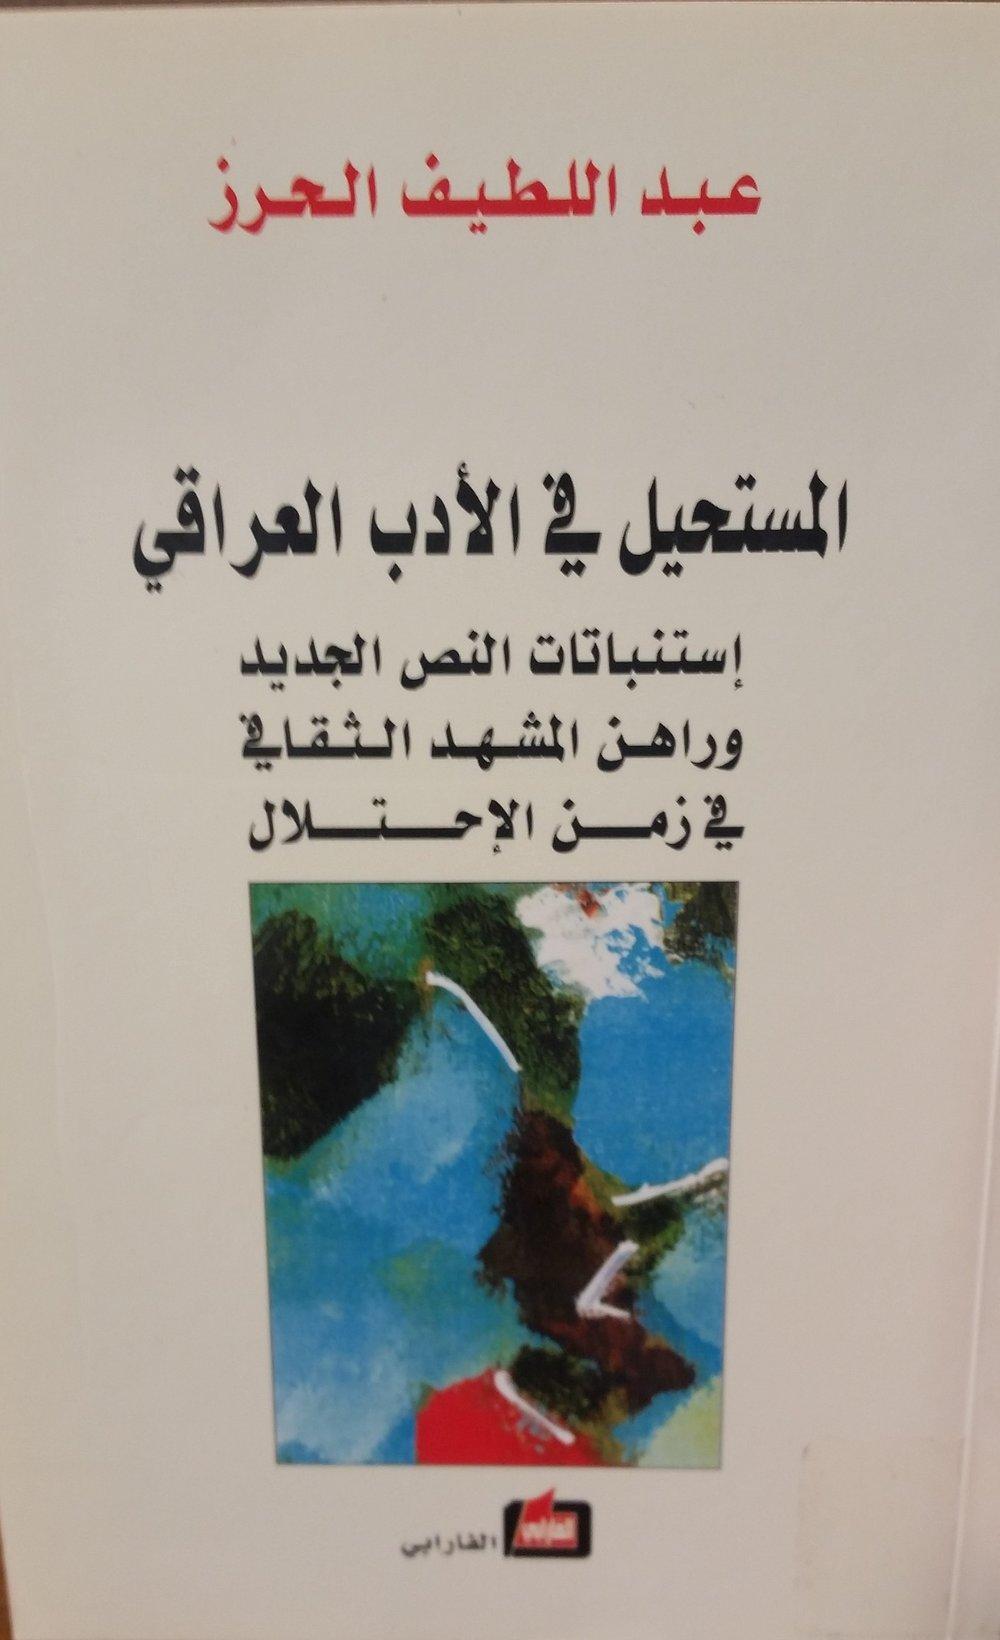 By ʿAdb al-Laṭīf al-Ḥirz (Bayrūt: Dār al-Fārābī, 2008).  Cover art by Fāris Ghaṣṣūb